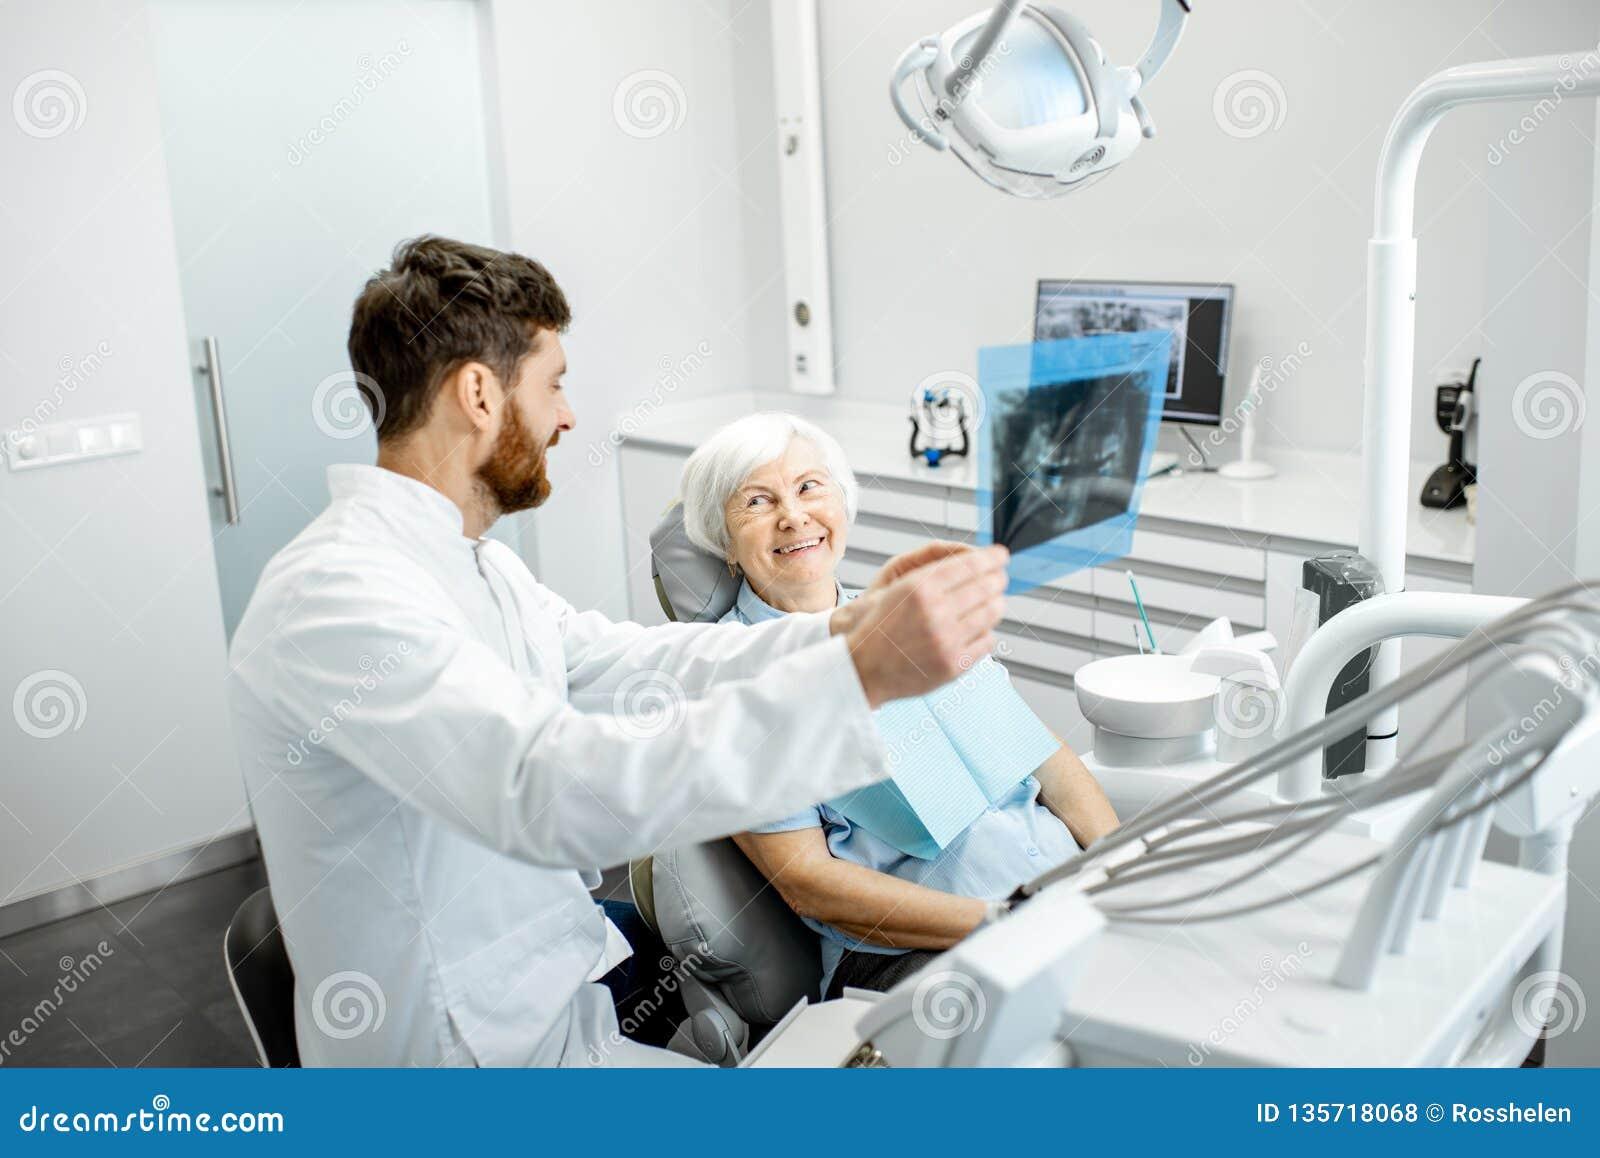 Dentysta pokazuje promieniowanie rentgenowskie stara kobieta w dentall biurze